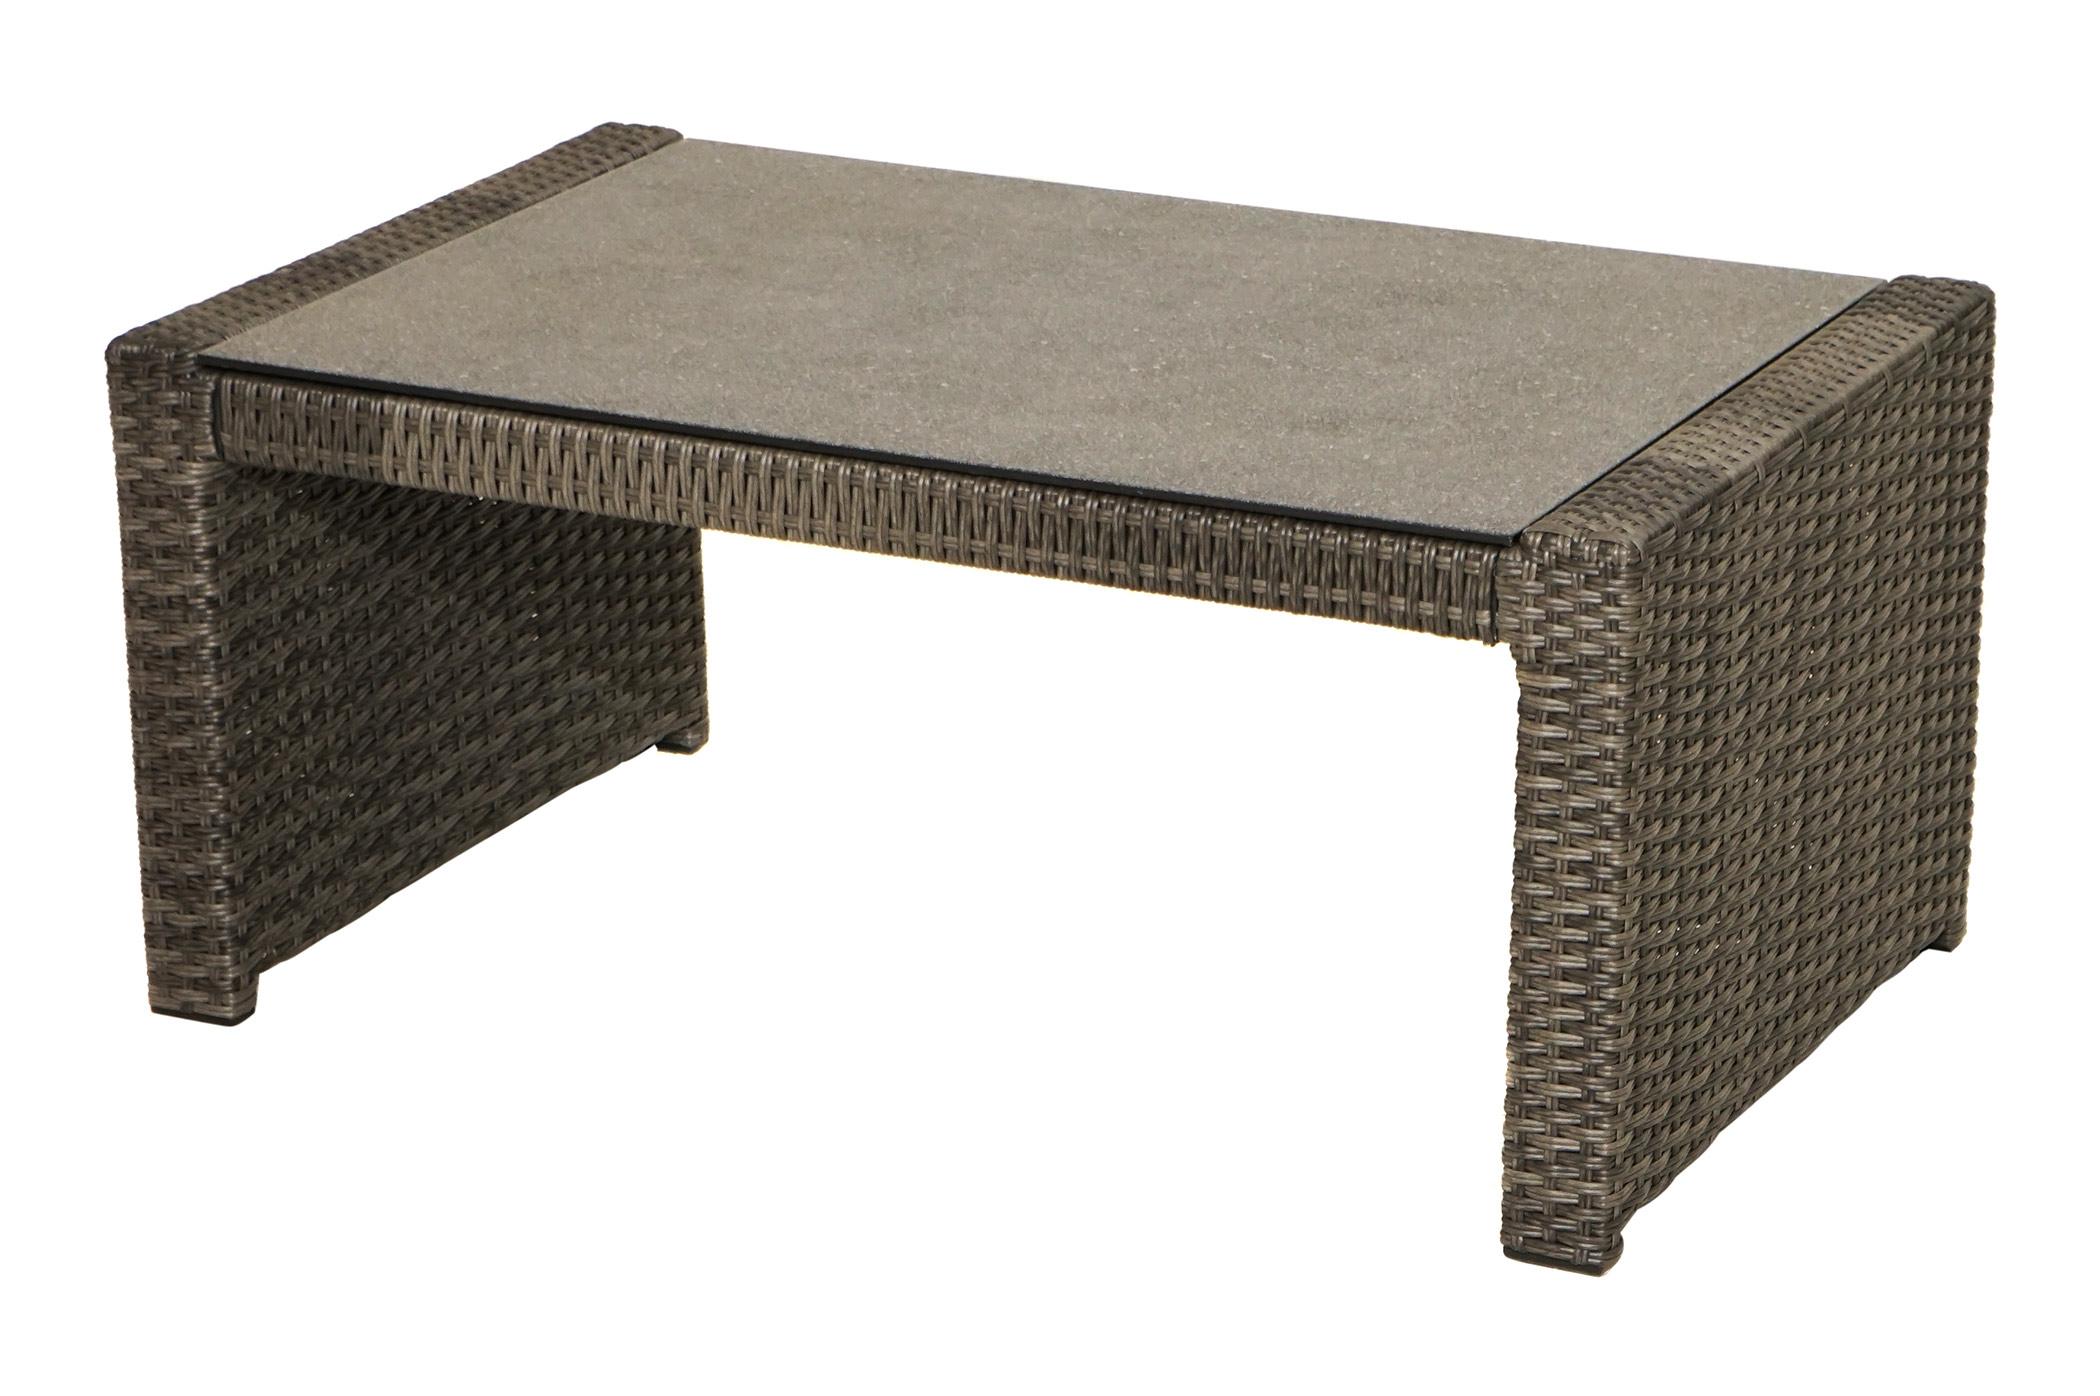 loungetisch rocking polyrattangeflecht 97x60cm loungem bel gartenm bel gardanio ihr. Black Bedroom Furniture Sets. Home Design Ideas